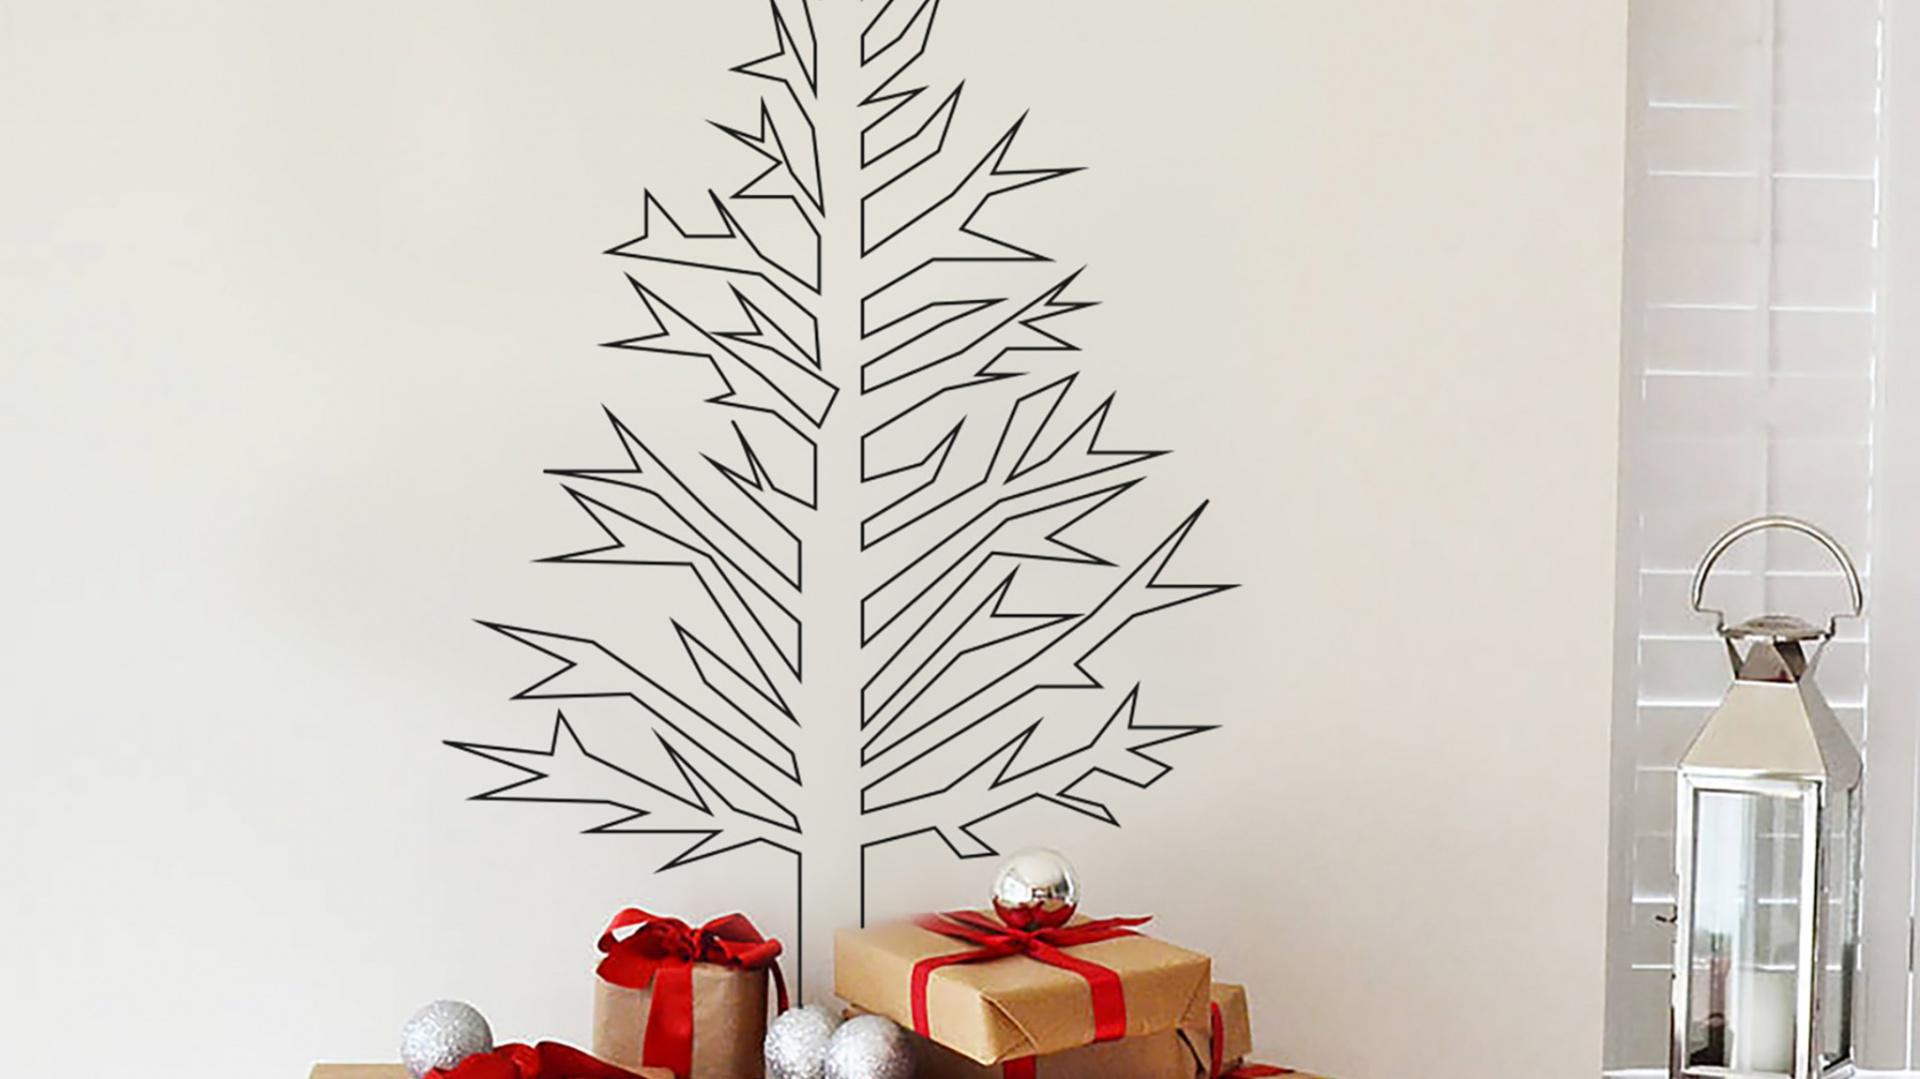 To, że nie mamy w domu miejsca na choinkę nie oznacza, ze musimy z niej rezygnować. Świąteczne drzewko możemy stworzyć z naklejek naściennych. Fot. Vinyl Impression.